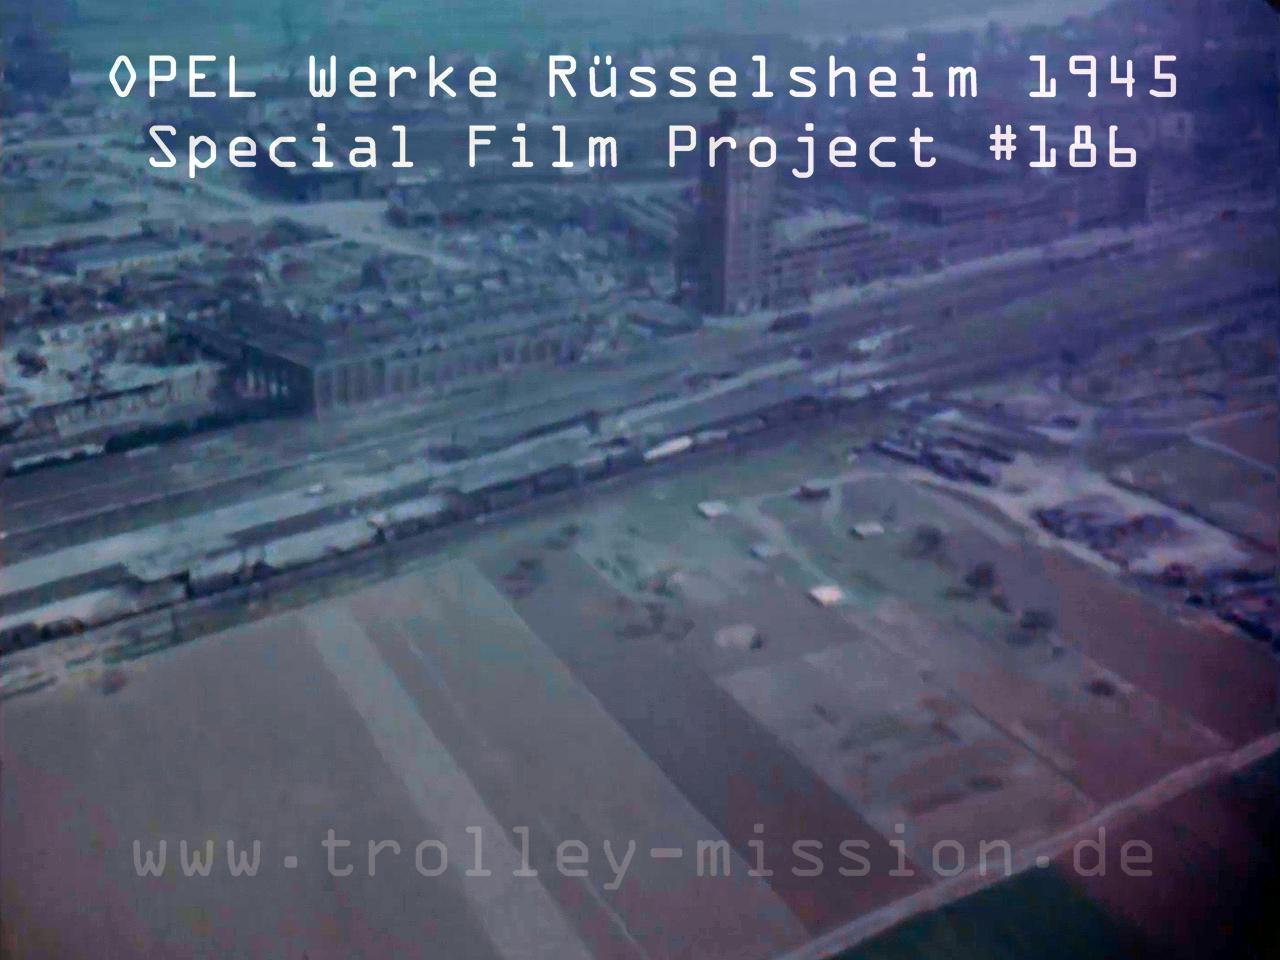 Farbfilm Luftaufnahme der OPEL Werke in Rüsselsheim 1945 nach den Fliegerbomben und Luftangriffen